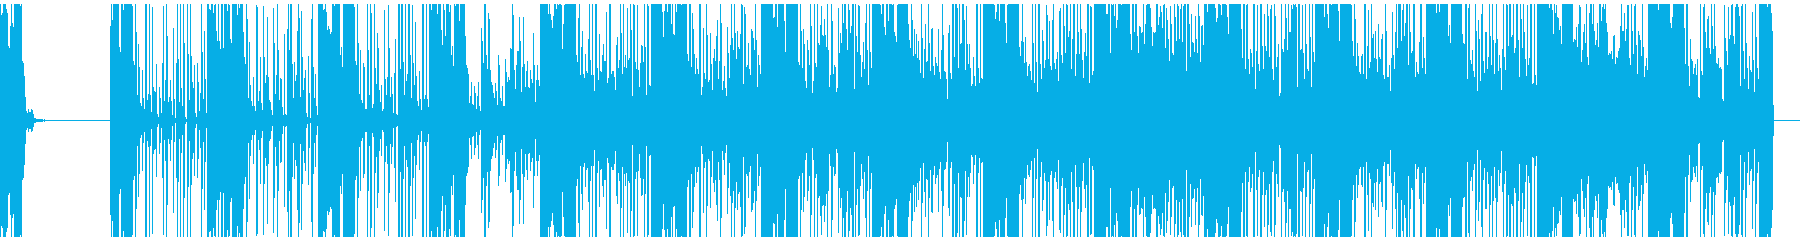 楽しいブレイクビーツの再生済みの波形